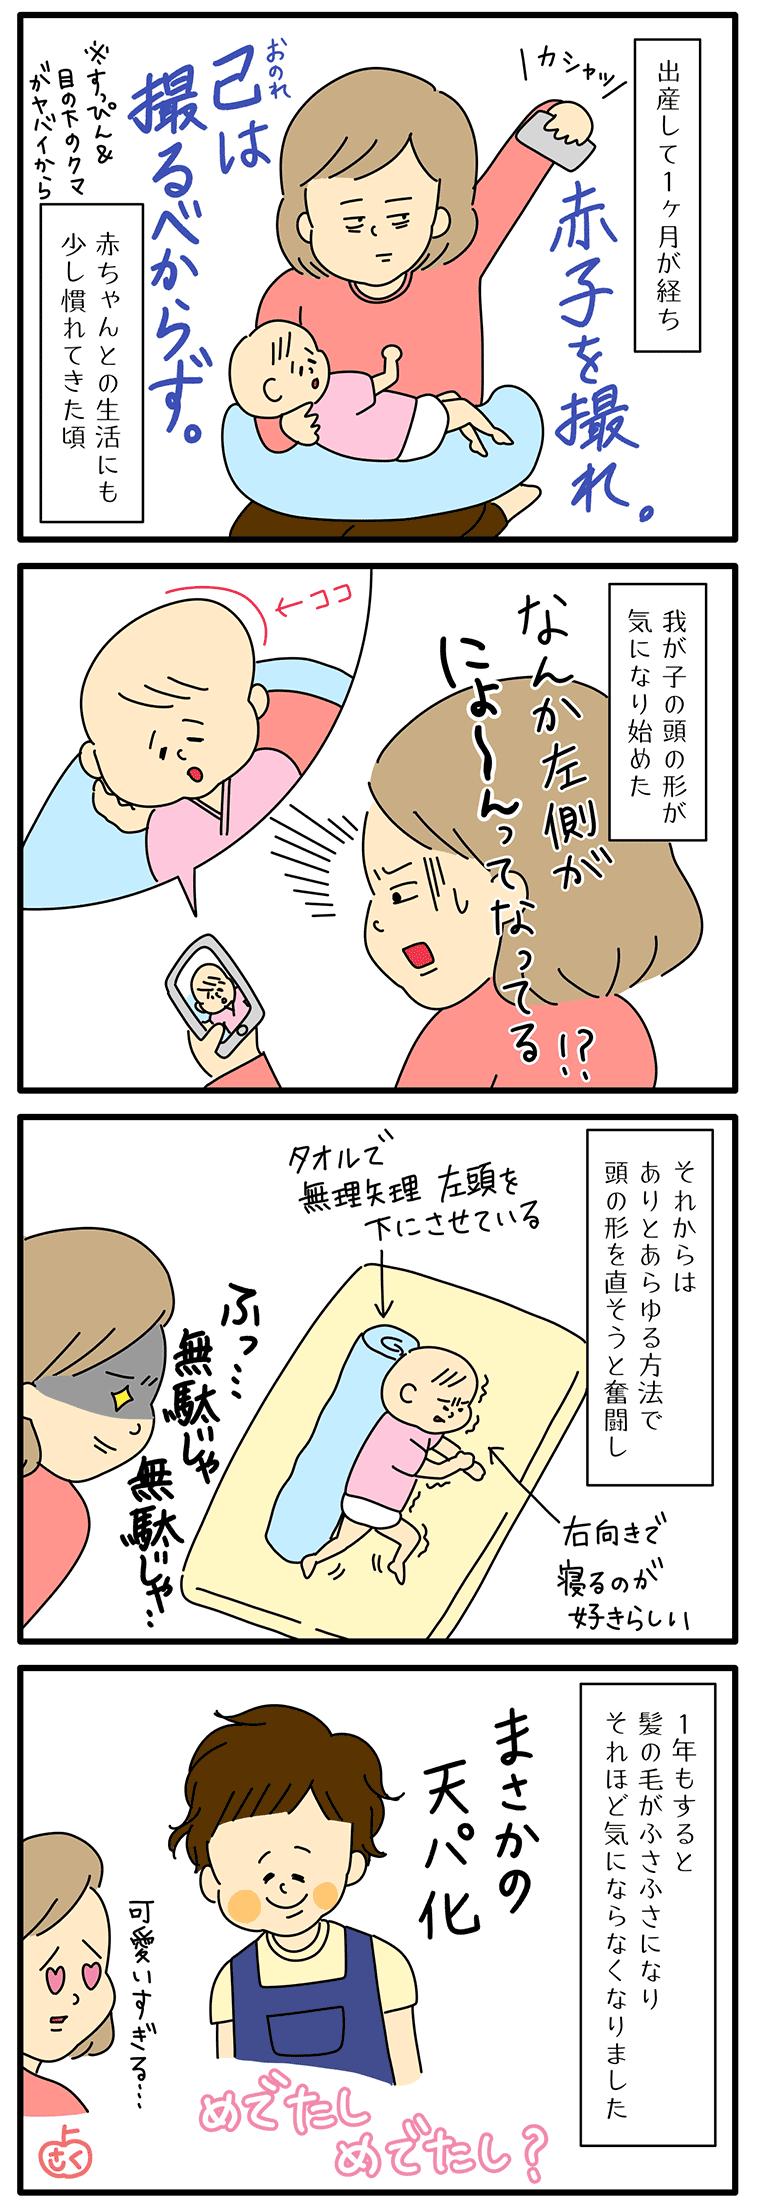 赤ちゃんの頭の形についての永岡さくら(saku)さんの子育て4コマ漫画